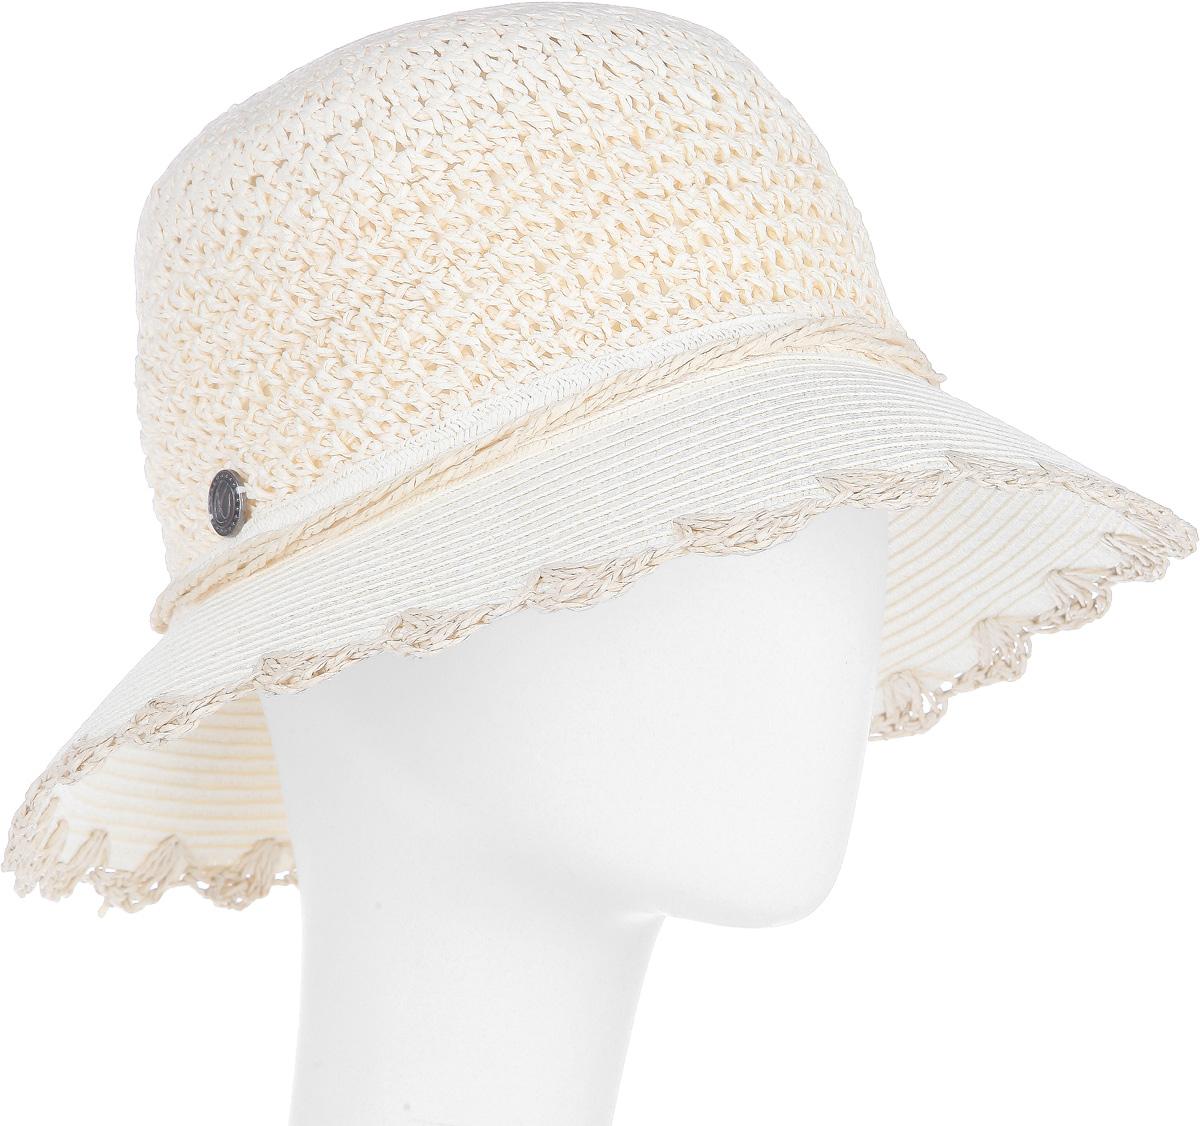 Шляпа77-140-02Летняя женская шляпа R.Mountain Romy станет незаменимым аксессуаром для пляжа и отдыха на природе. Такая шляпка не только защитит вас от солнца, но и станет стильным дополнением вашего образа. Модель украшена соломенной лентой вокруг тульи. Края полей также отделаны оригинальными вензелями из соломки. Плетение шляпы обеспечивает необходимую вентиляцию и комфорт даже в самый знойный день. Шляпа легко восстанавливает свою форму после сжатия. Эта элегантная легкая шляпка подчеркнет вашу неповторимость и дополнит ваш повседневный образ.